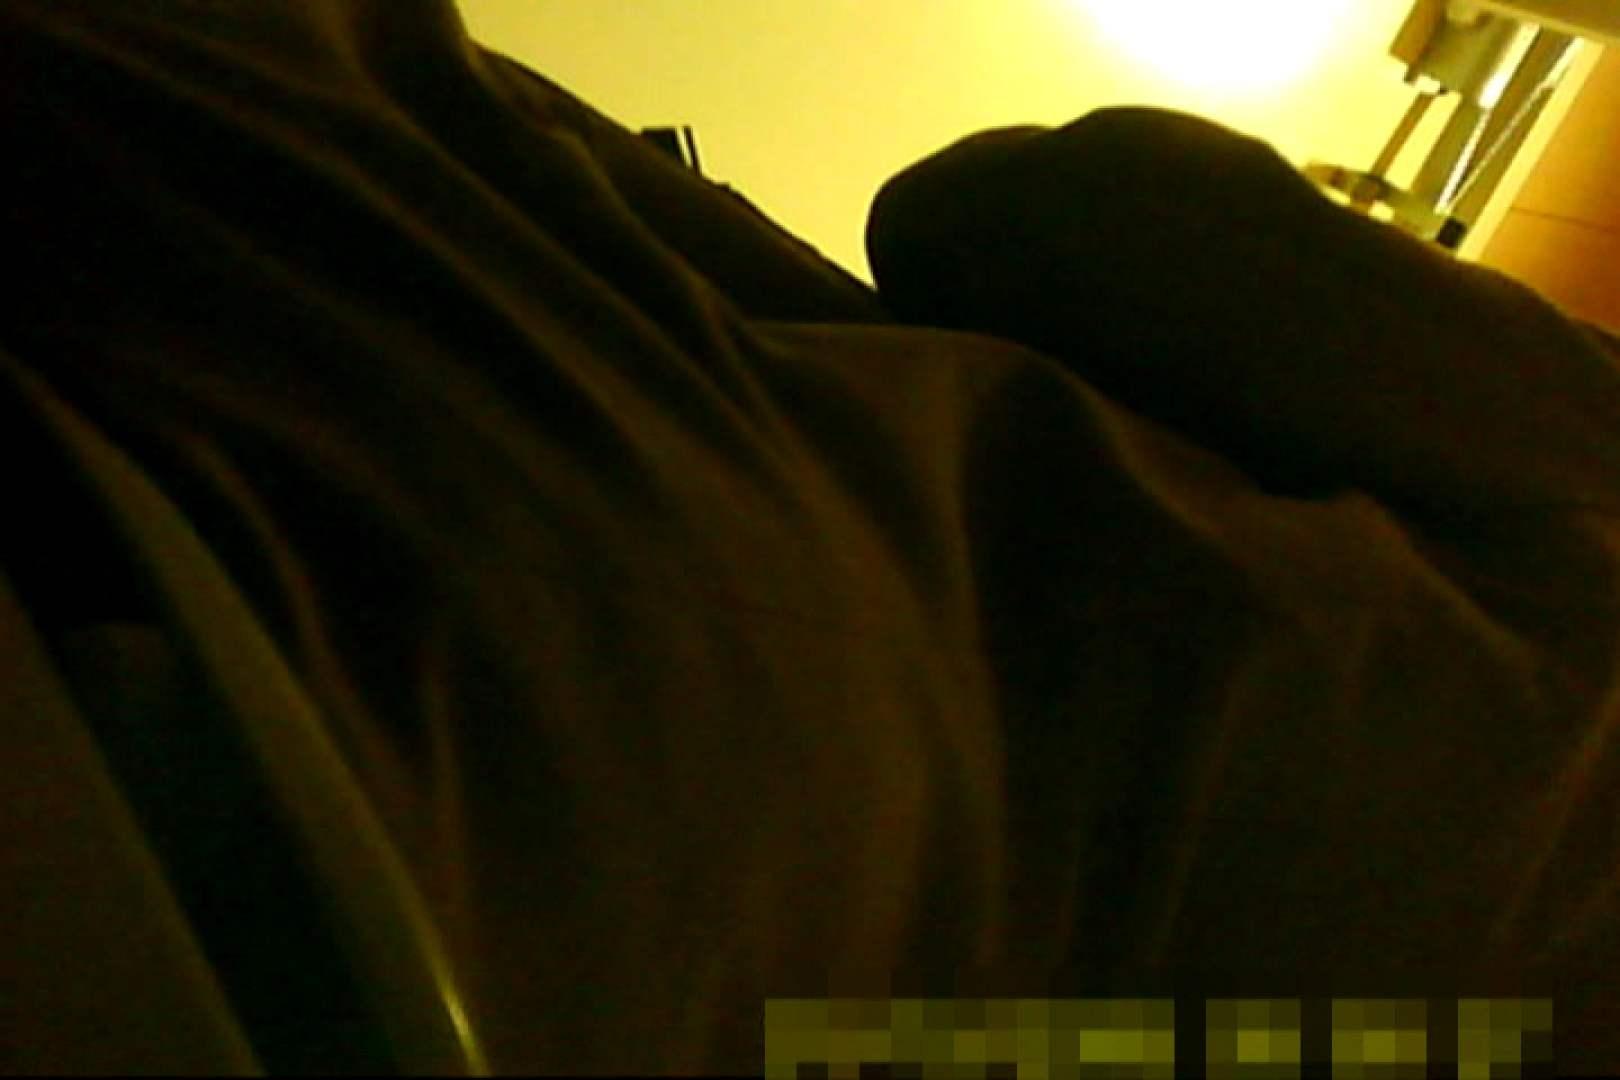 魅惑の化粧室~禁断のプライベート空間~20 チラ見え画像 ワレメ無修正動画無料 96連発 42